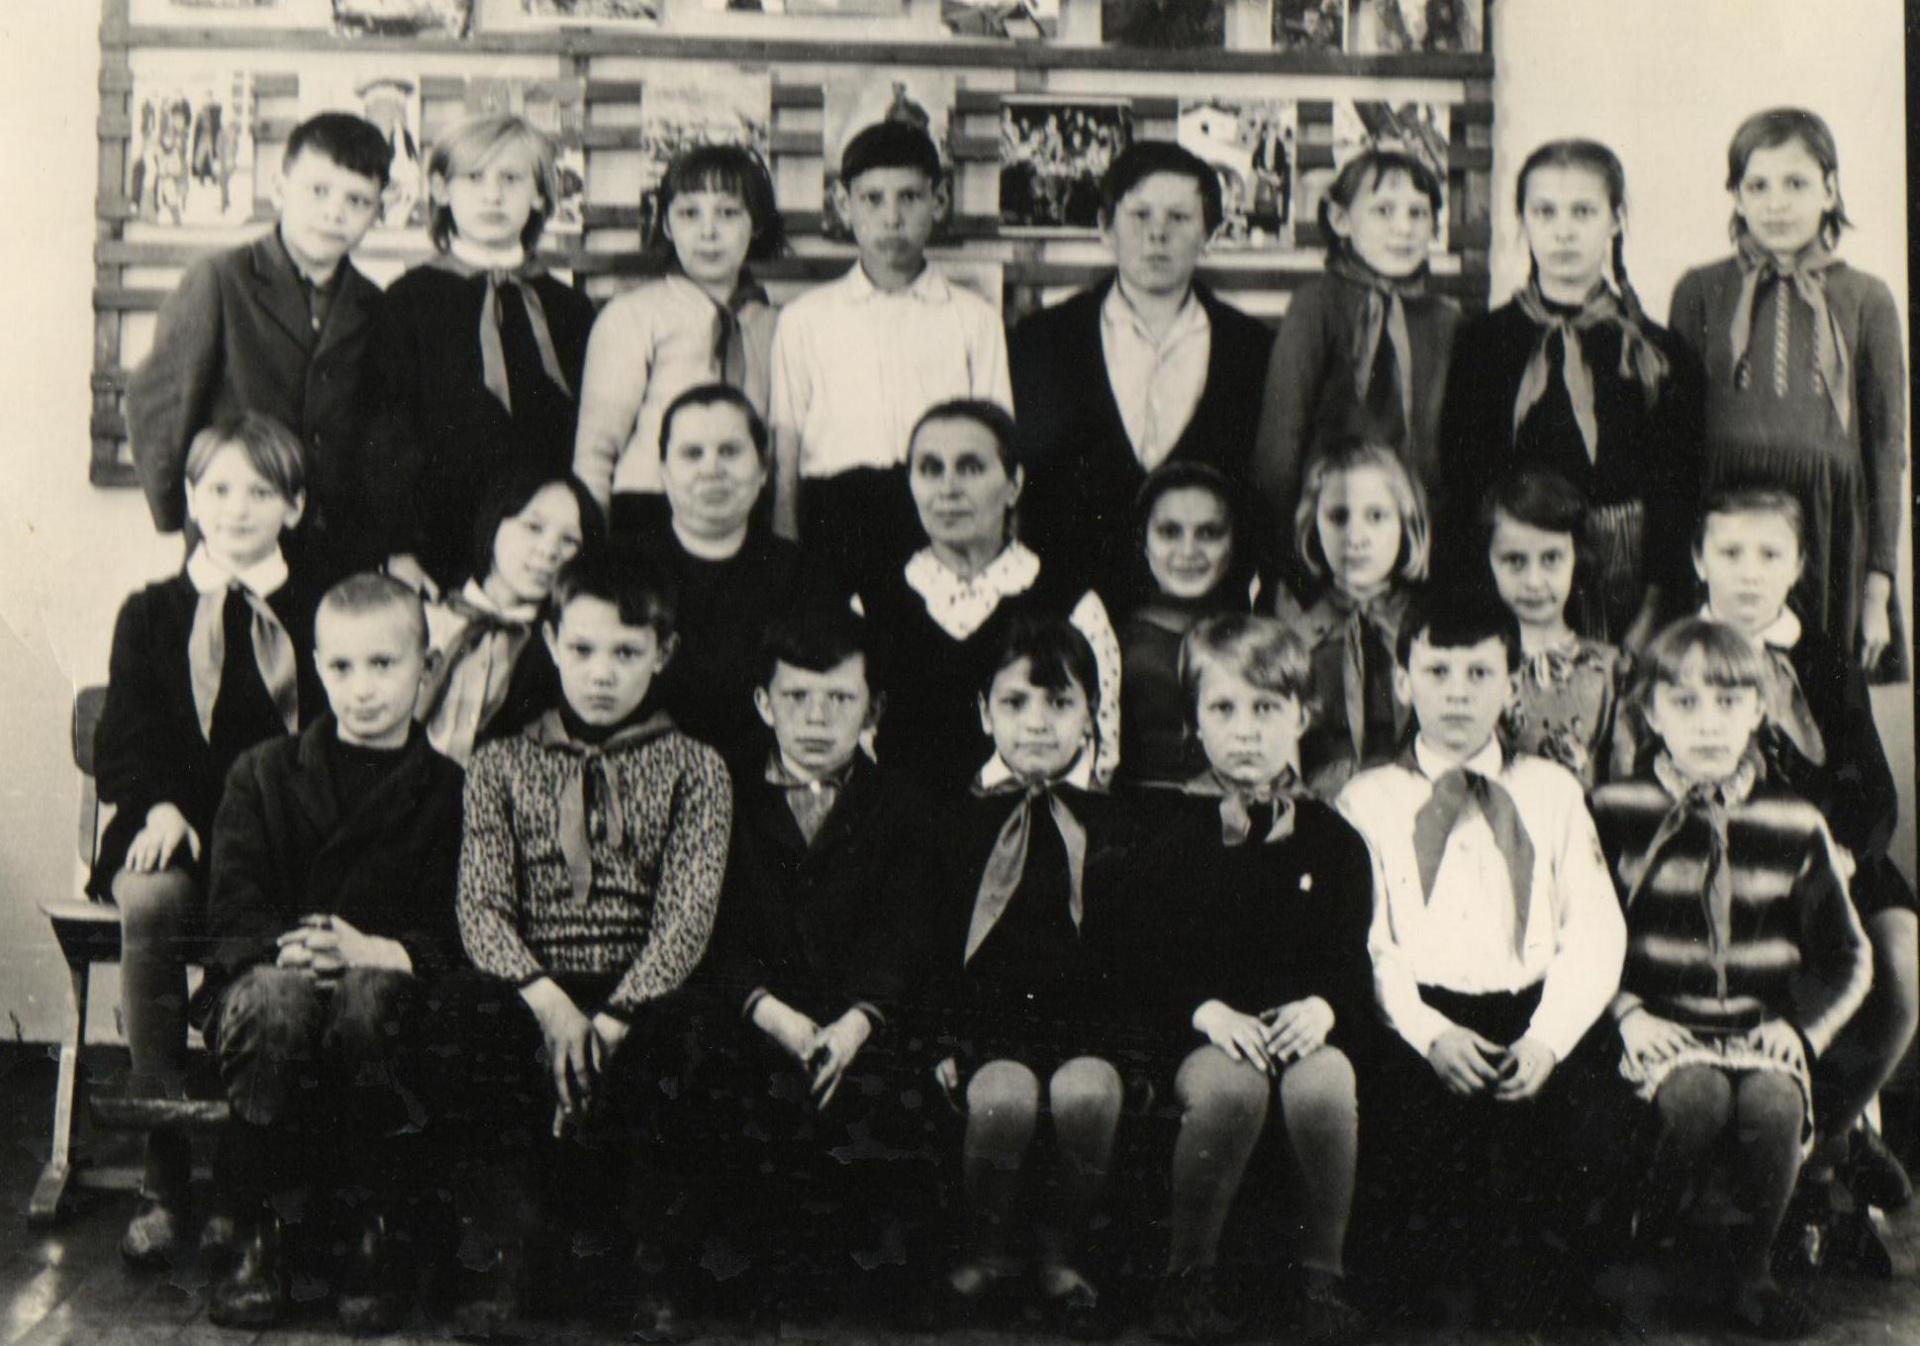 Жителям Княжпогостского района предлагают окунуться в прошлое с помощью старых фотографий